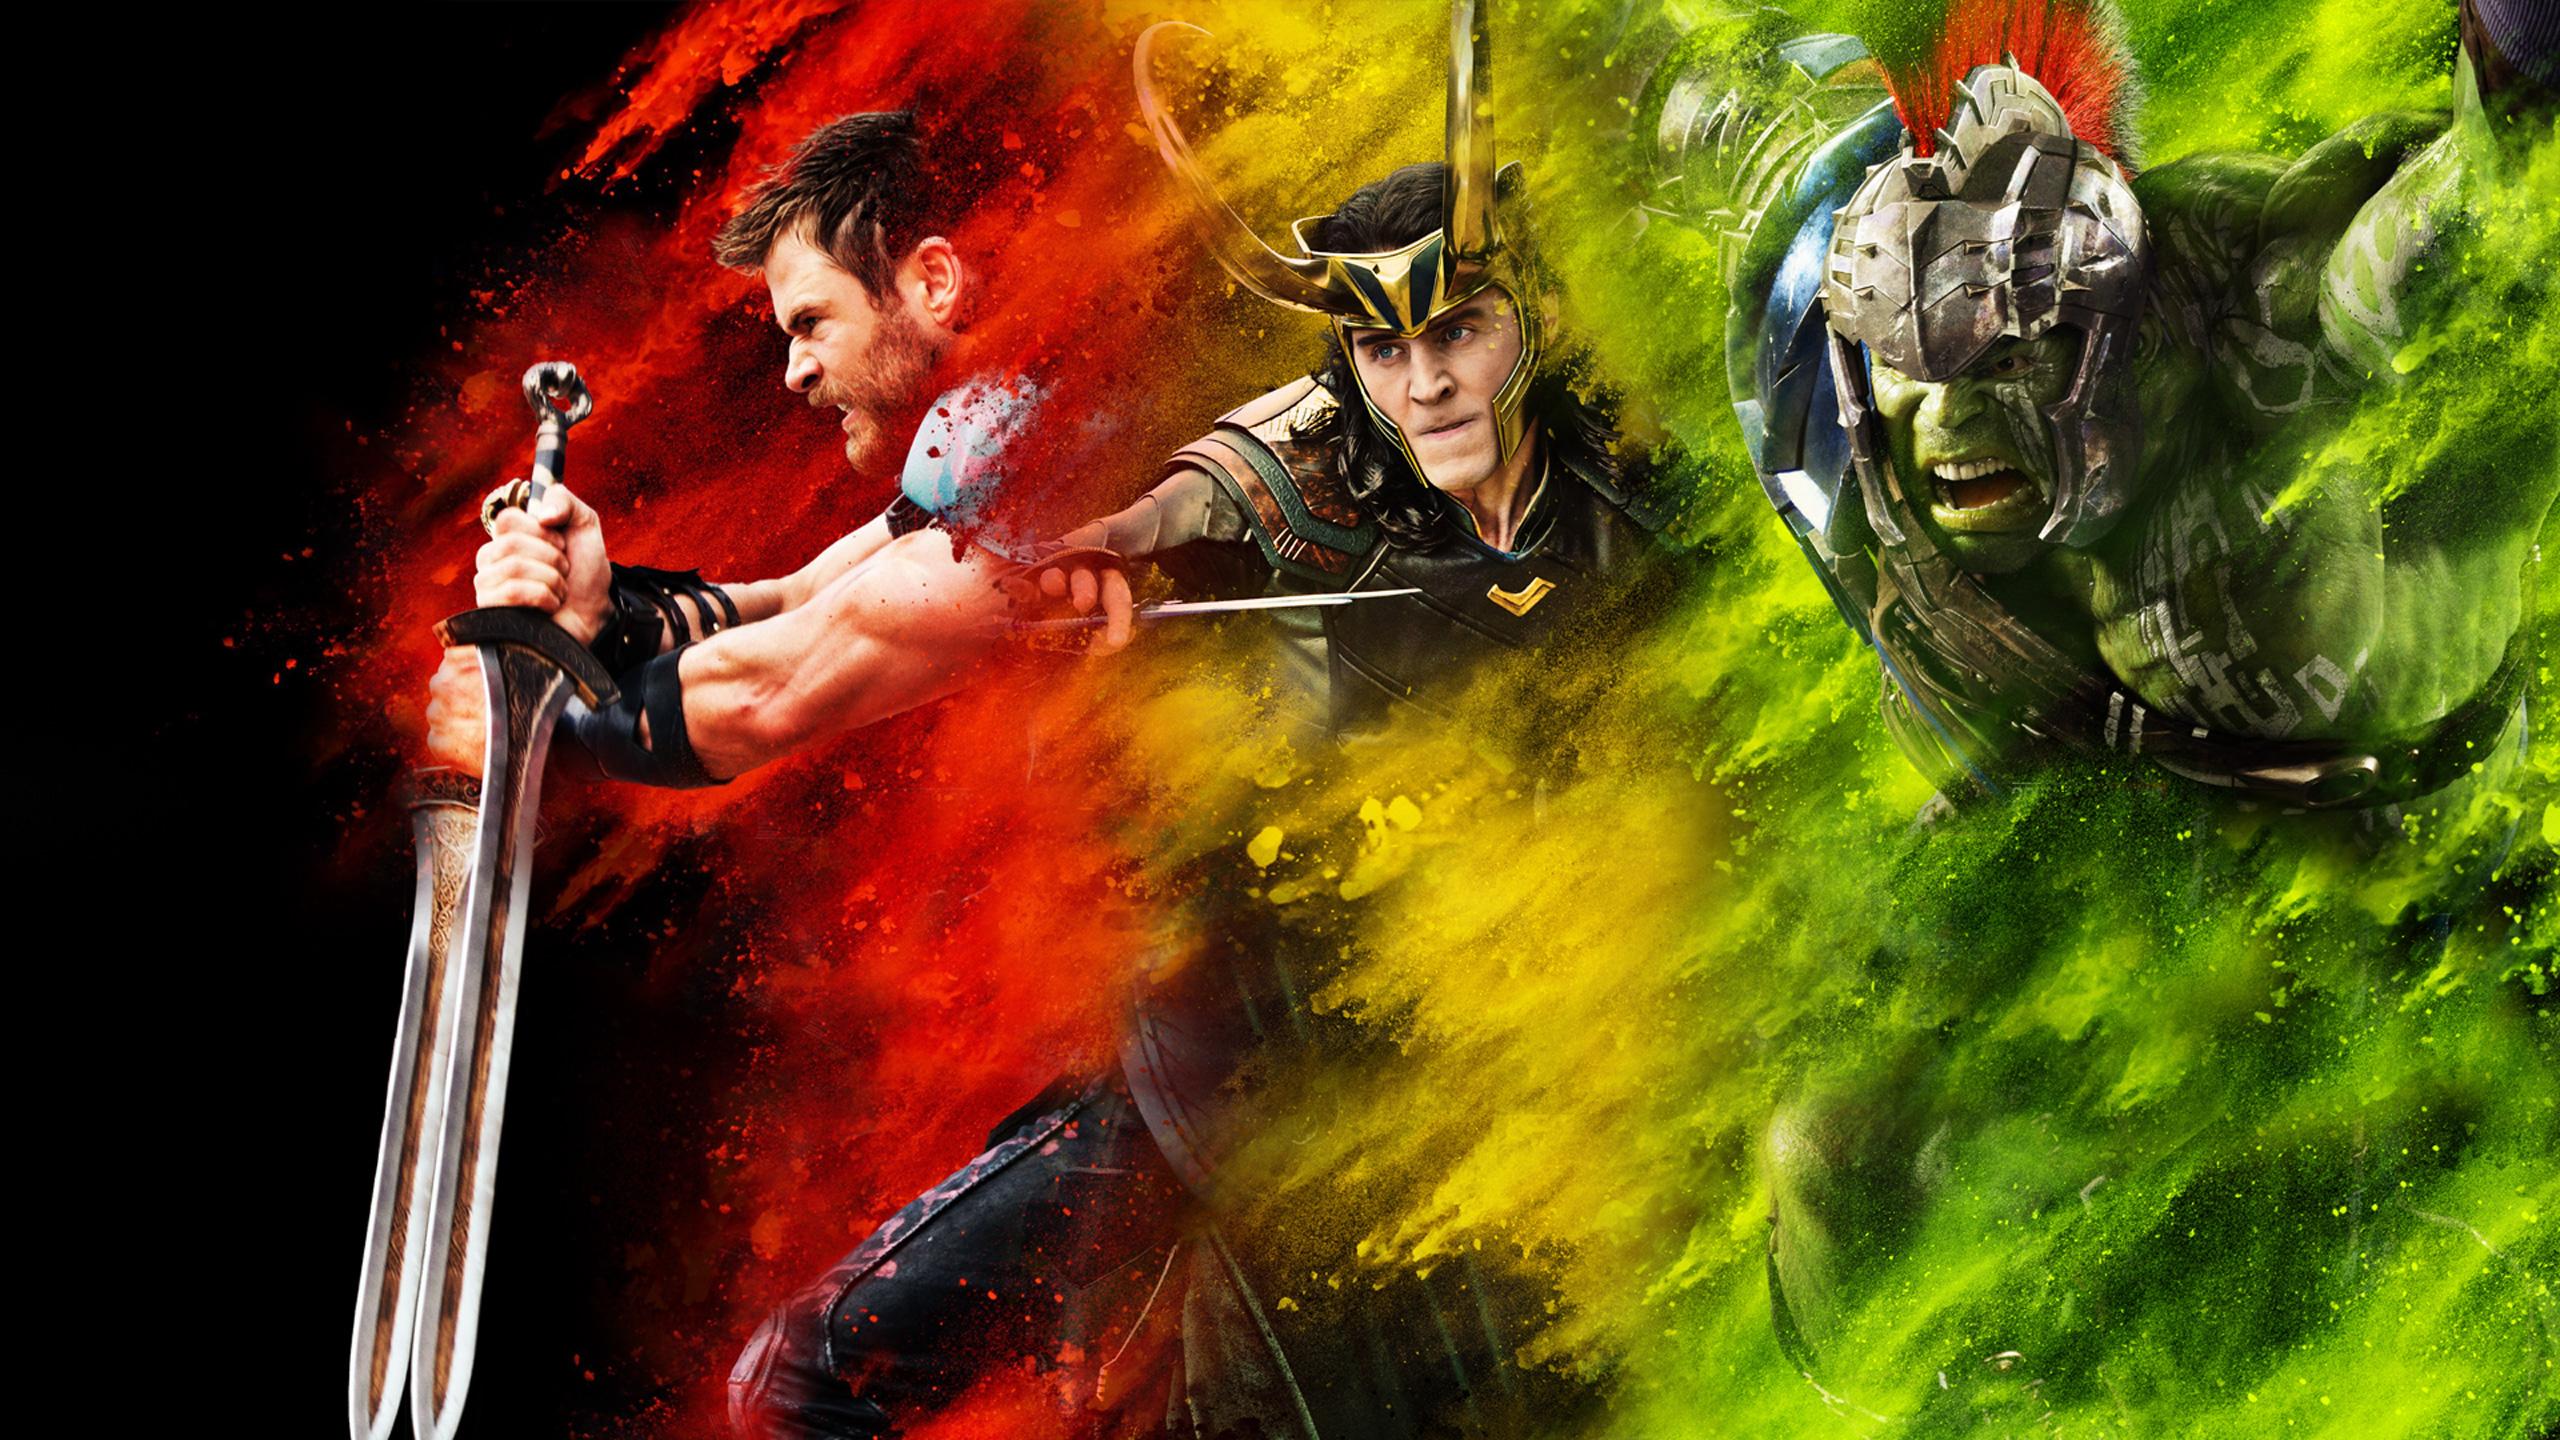 Thor loki hulk thor ragnarok hd movies 4k wallpapers - Thor ragnarok hd wallpapers download ...